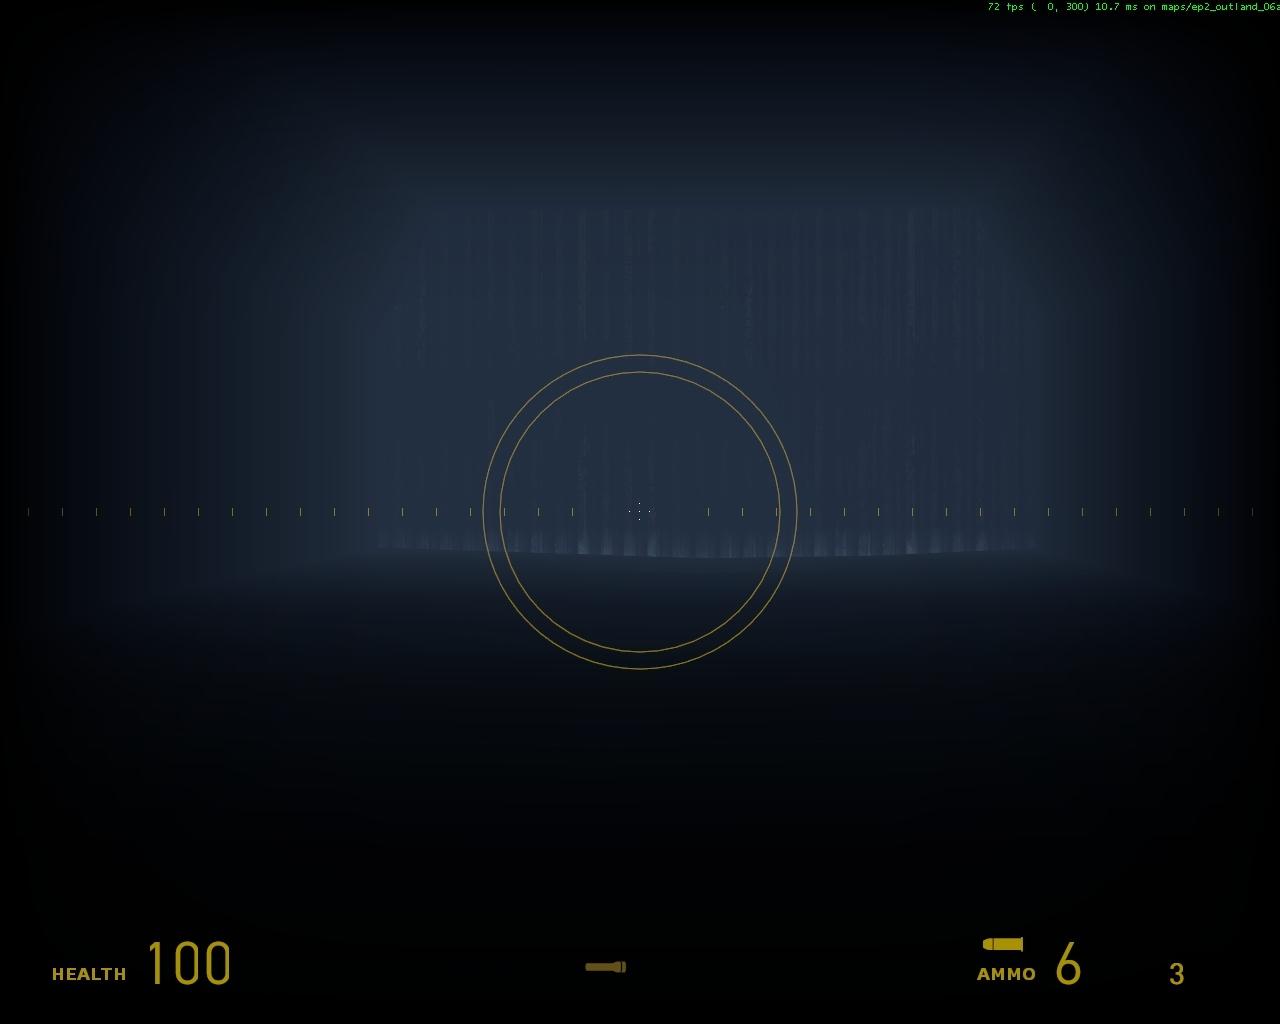 """Тоннель у моста заблокирован после """"Загрузки"""" - Half-Life 2"""